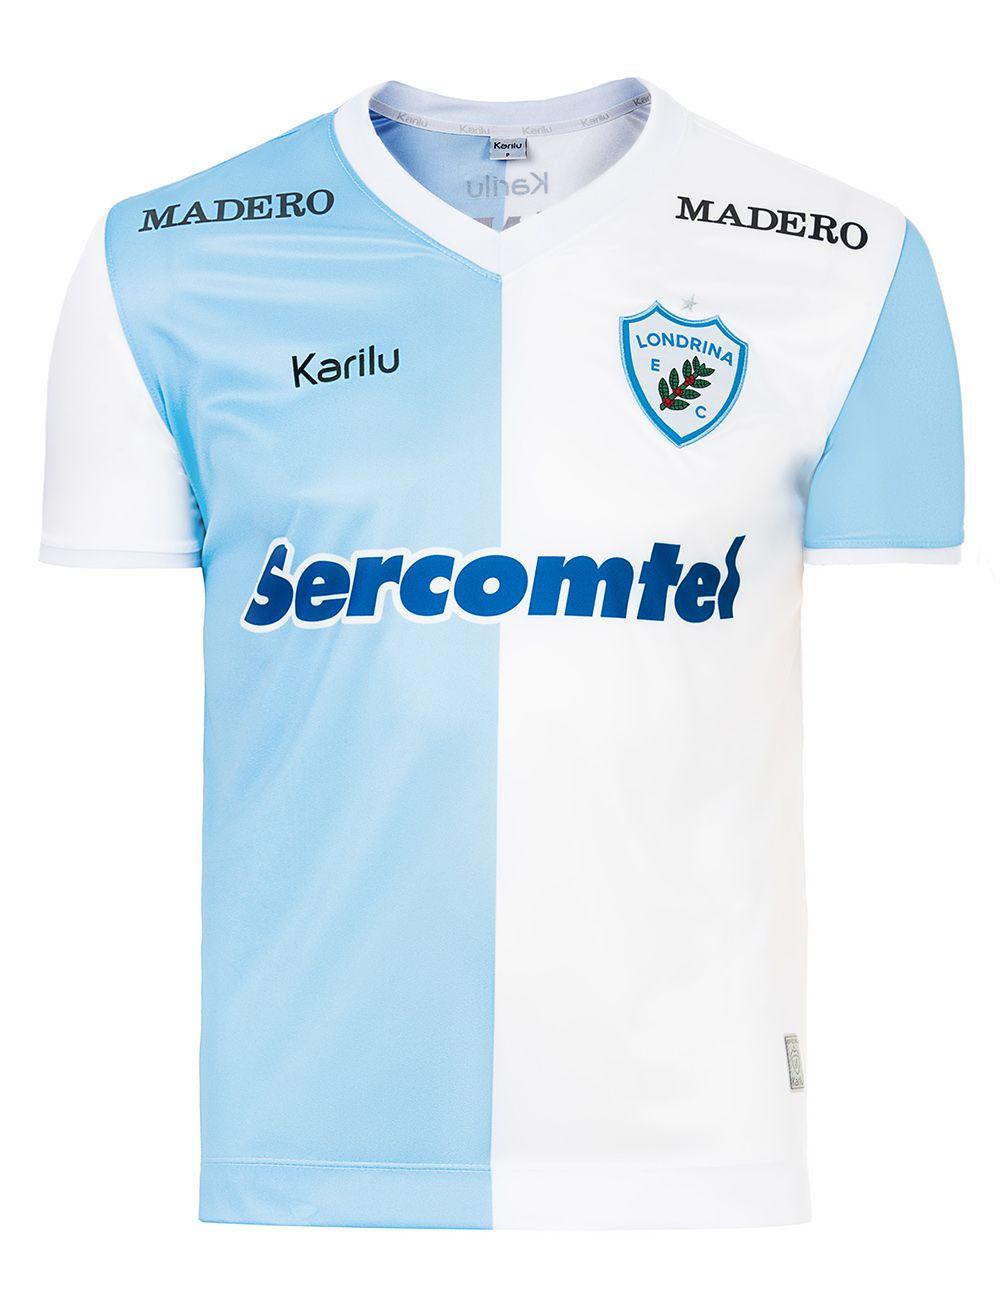 Camisa oficial do Londrina - Retro INFANTIL na Karilu 5c252dfb8e0ae